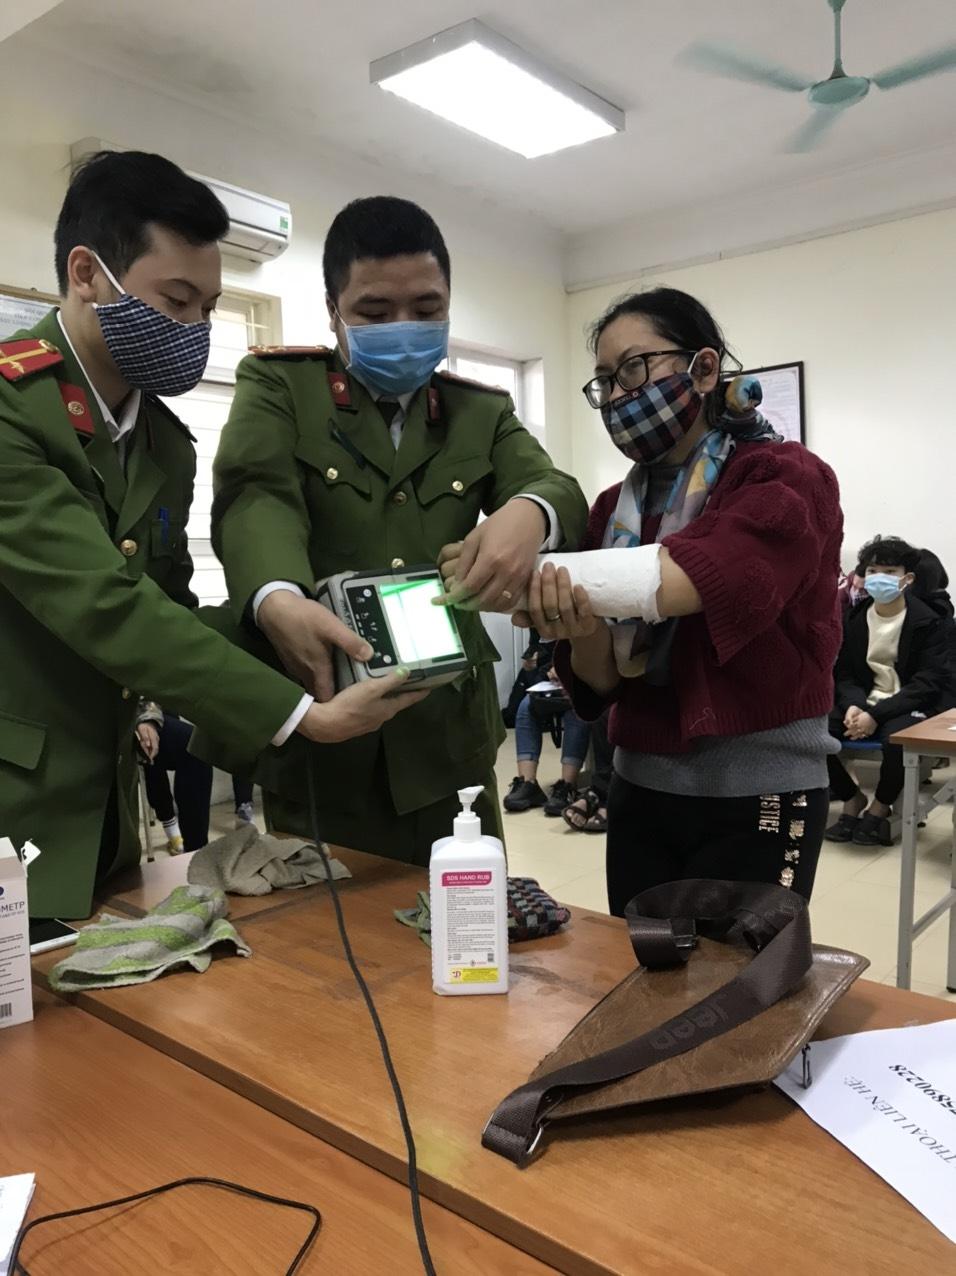 Đoàn viên thanh niên Công an Huyện Thanh Trì nhiệt tình giúp đỡ người bị thương làm thủ tục cấp căn cước công dân